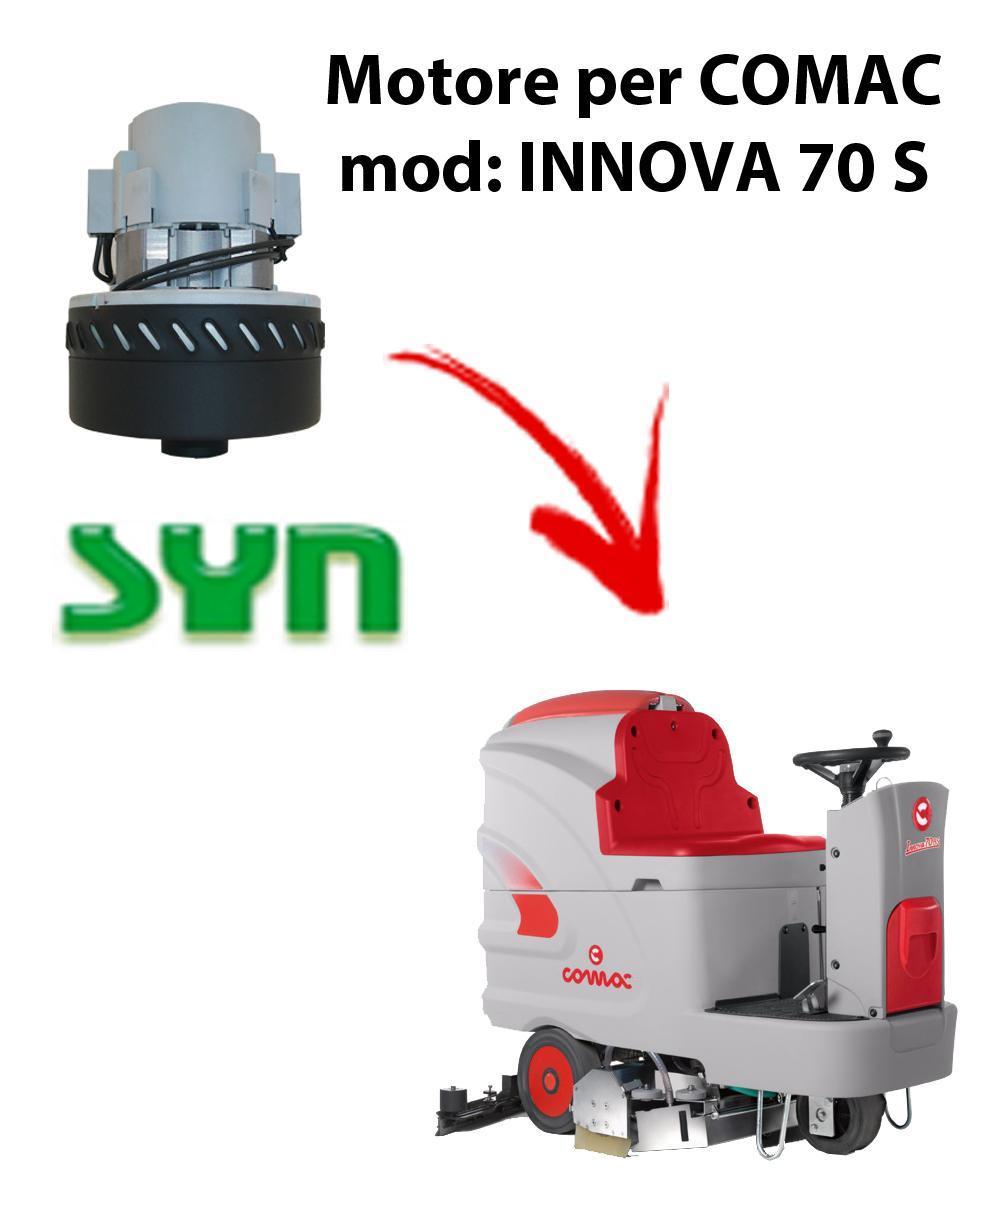 INNOVA 70 S Motore de aspiración SYN para fregadora Comac